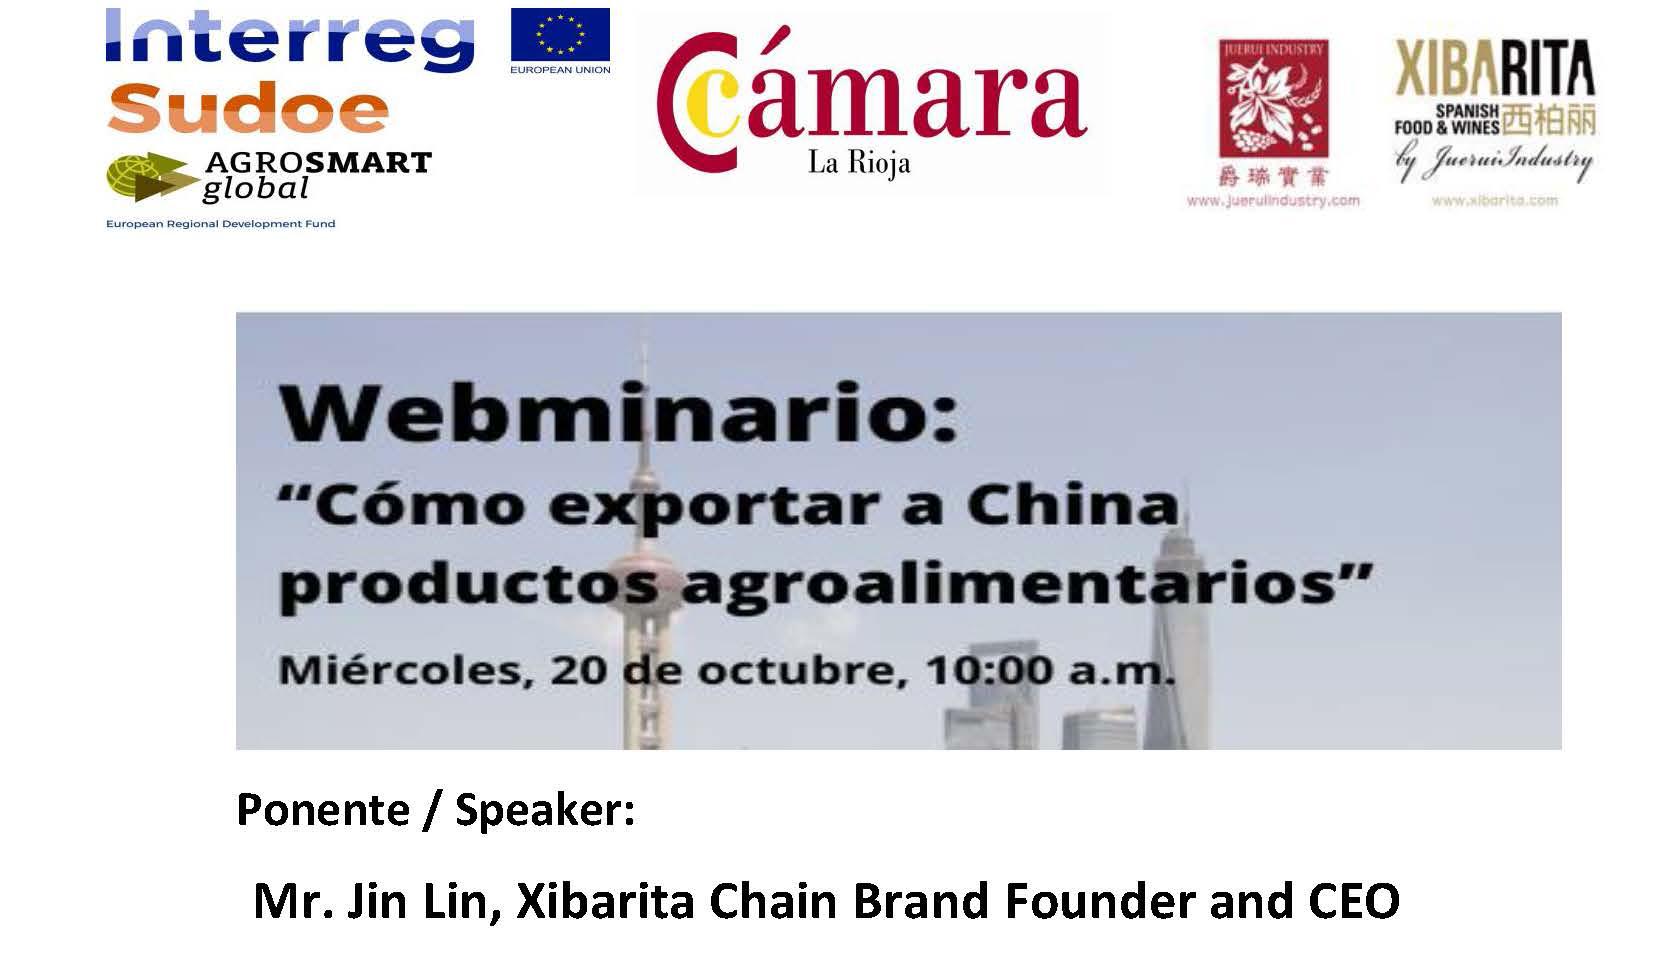 El 20 de octubre únete al webinario «Cómo exportar a China productos agroalimentarios» de AGROSMARTglobal